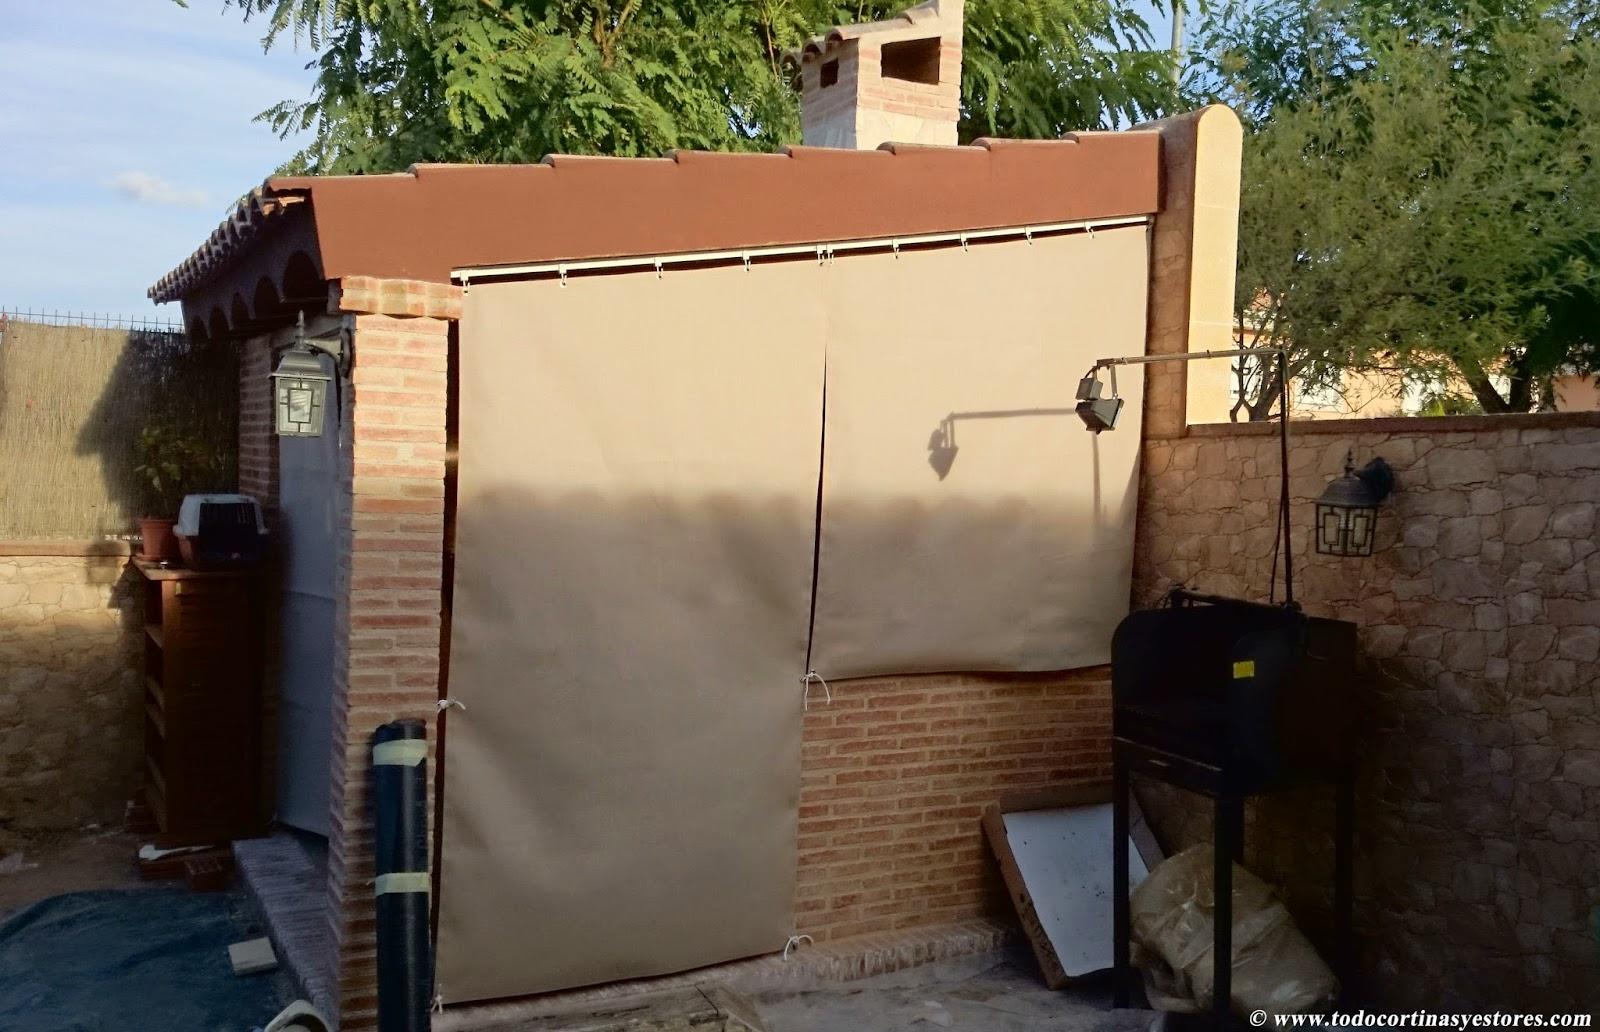 Decoracion interior cortinas verticales estores enrollables puertas plegables toldos - Persianas verticales baratas ...